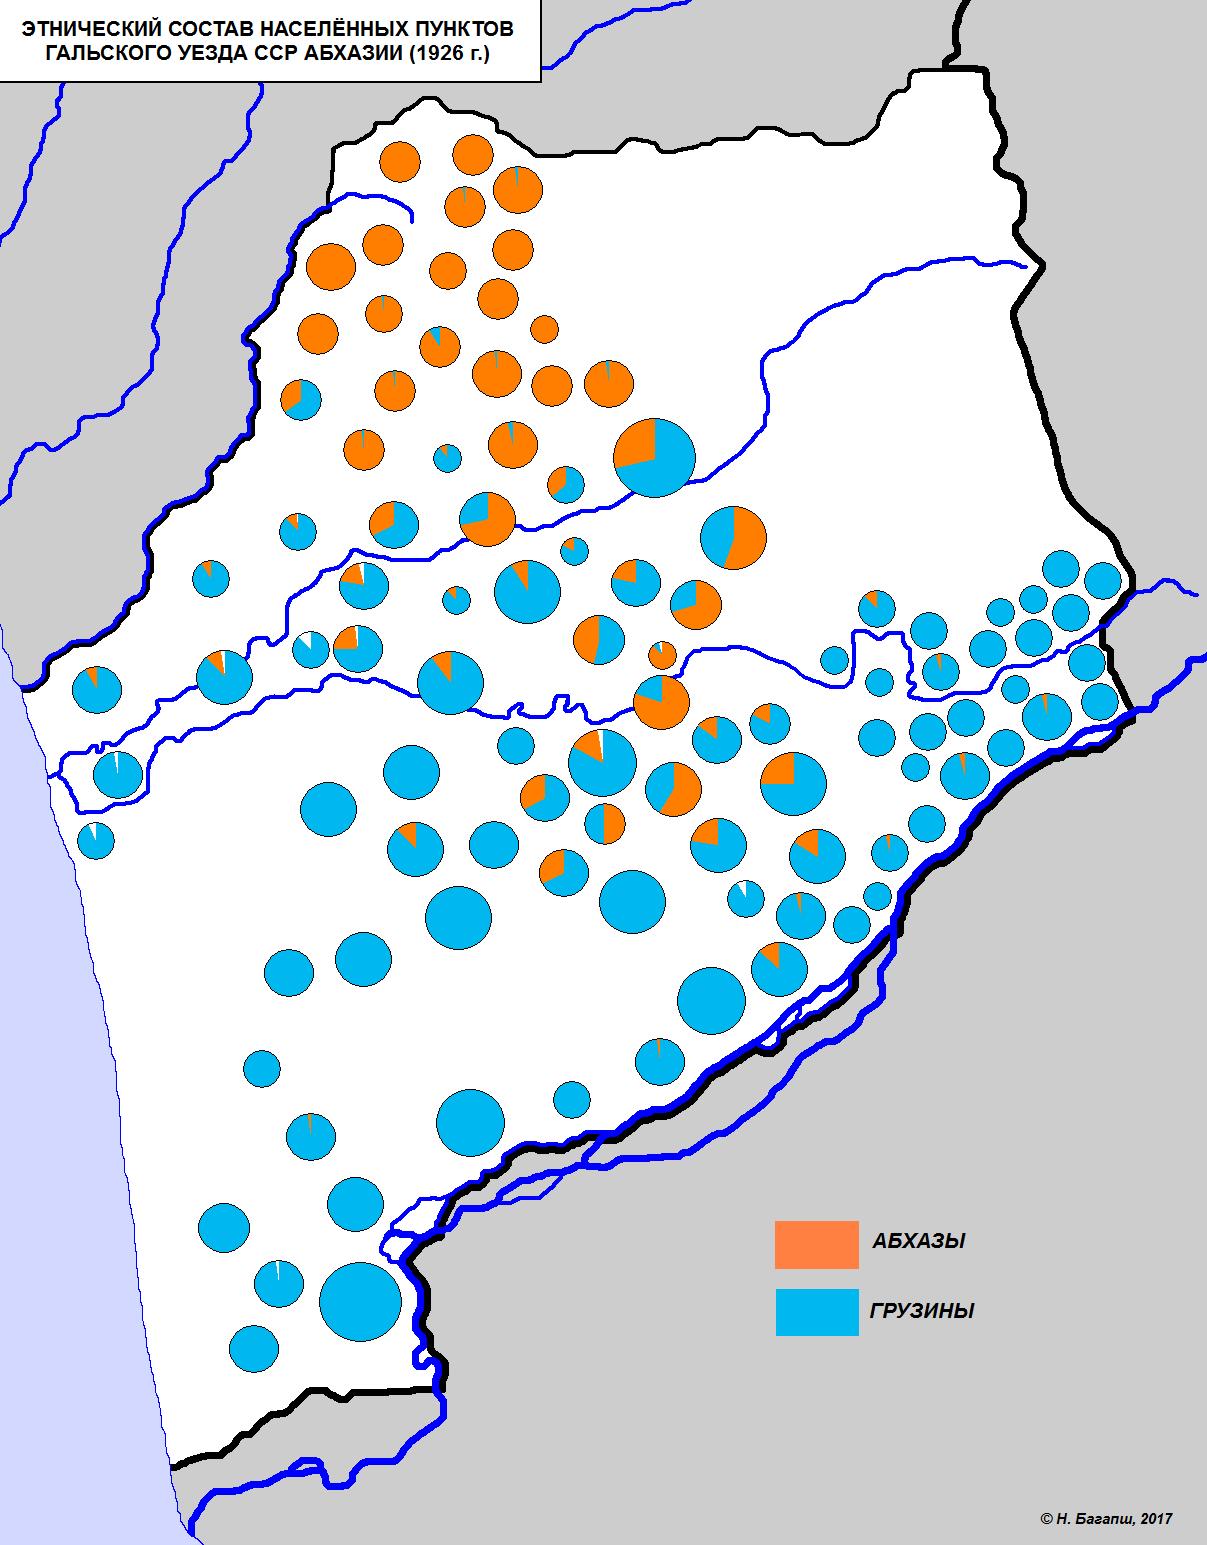 Карта: этносостав населённых пунктов Гальского уезда (1926 г.)